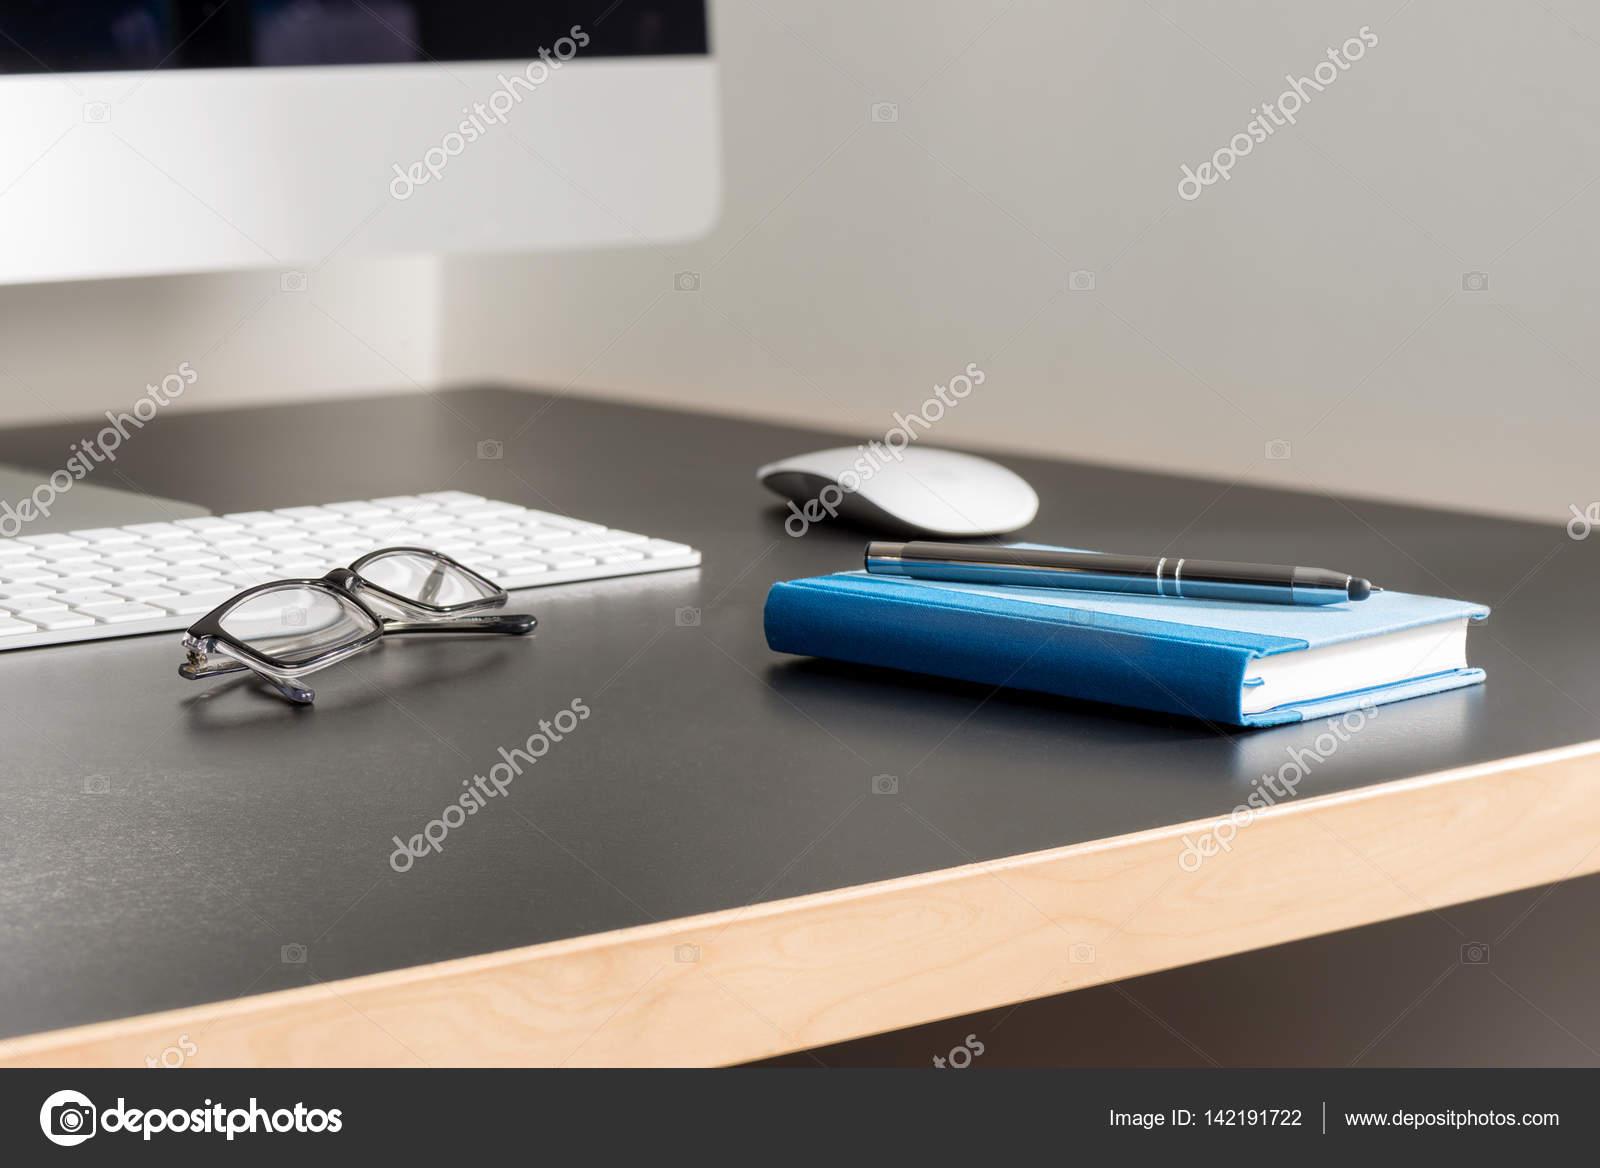 Scrivania Ufficio Grigio : Scrivania per ufficio grigio con computer occhiali da vista un